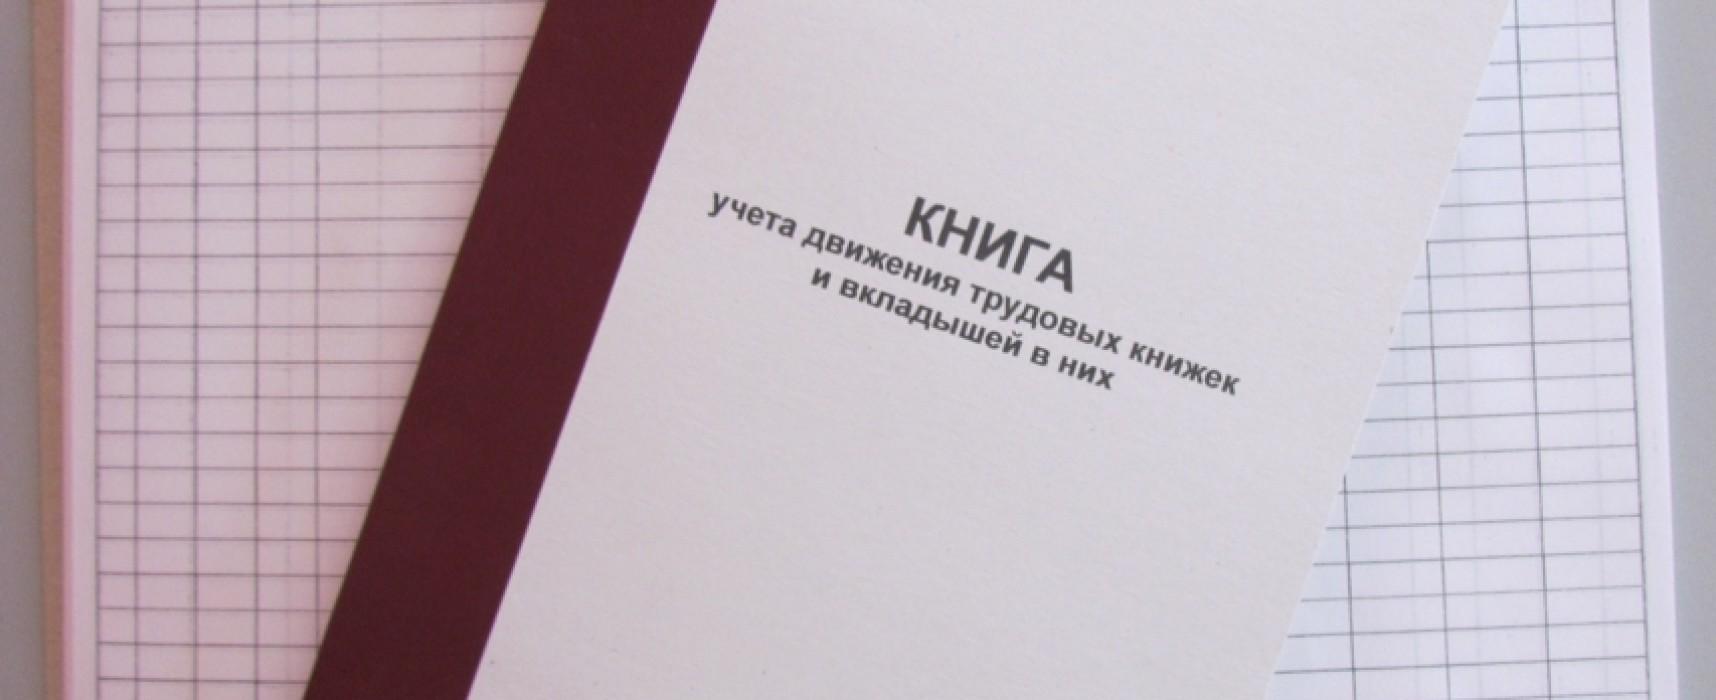 Книга учета трудовых книжек: образец